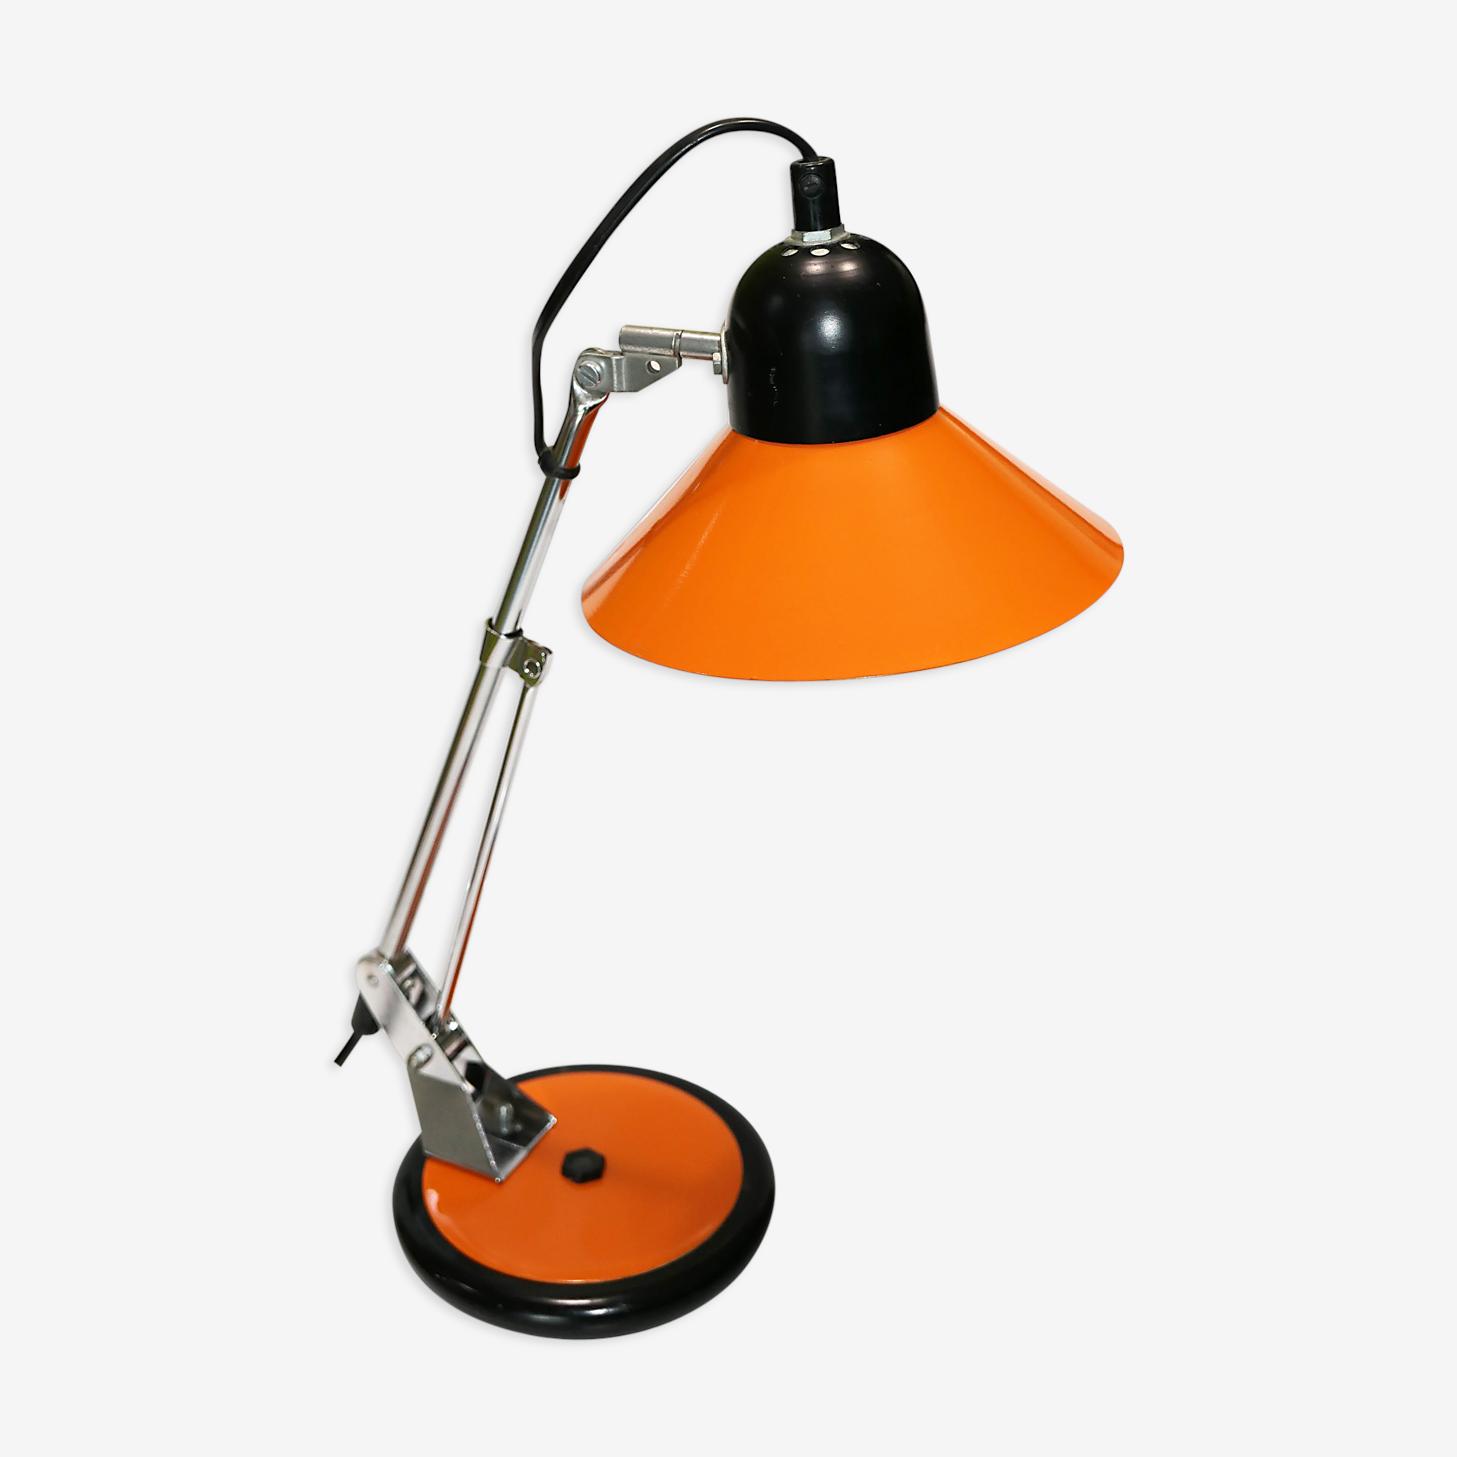 Lampe de bureau Aluminor orange